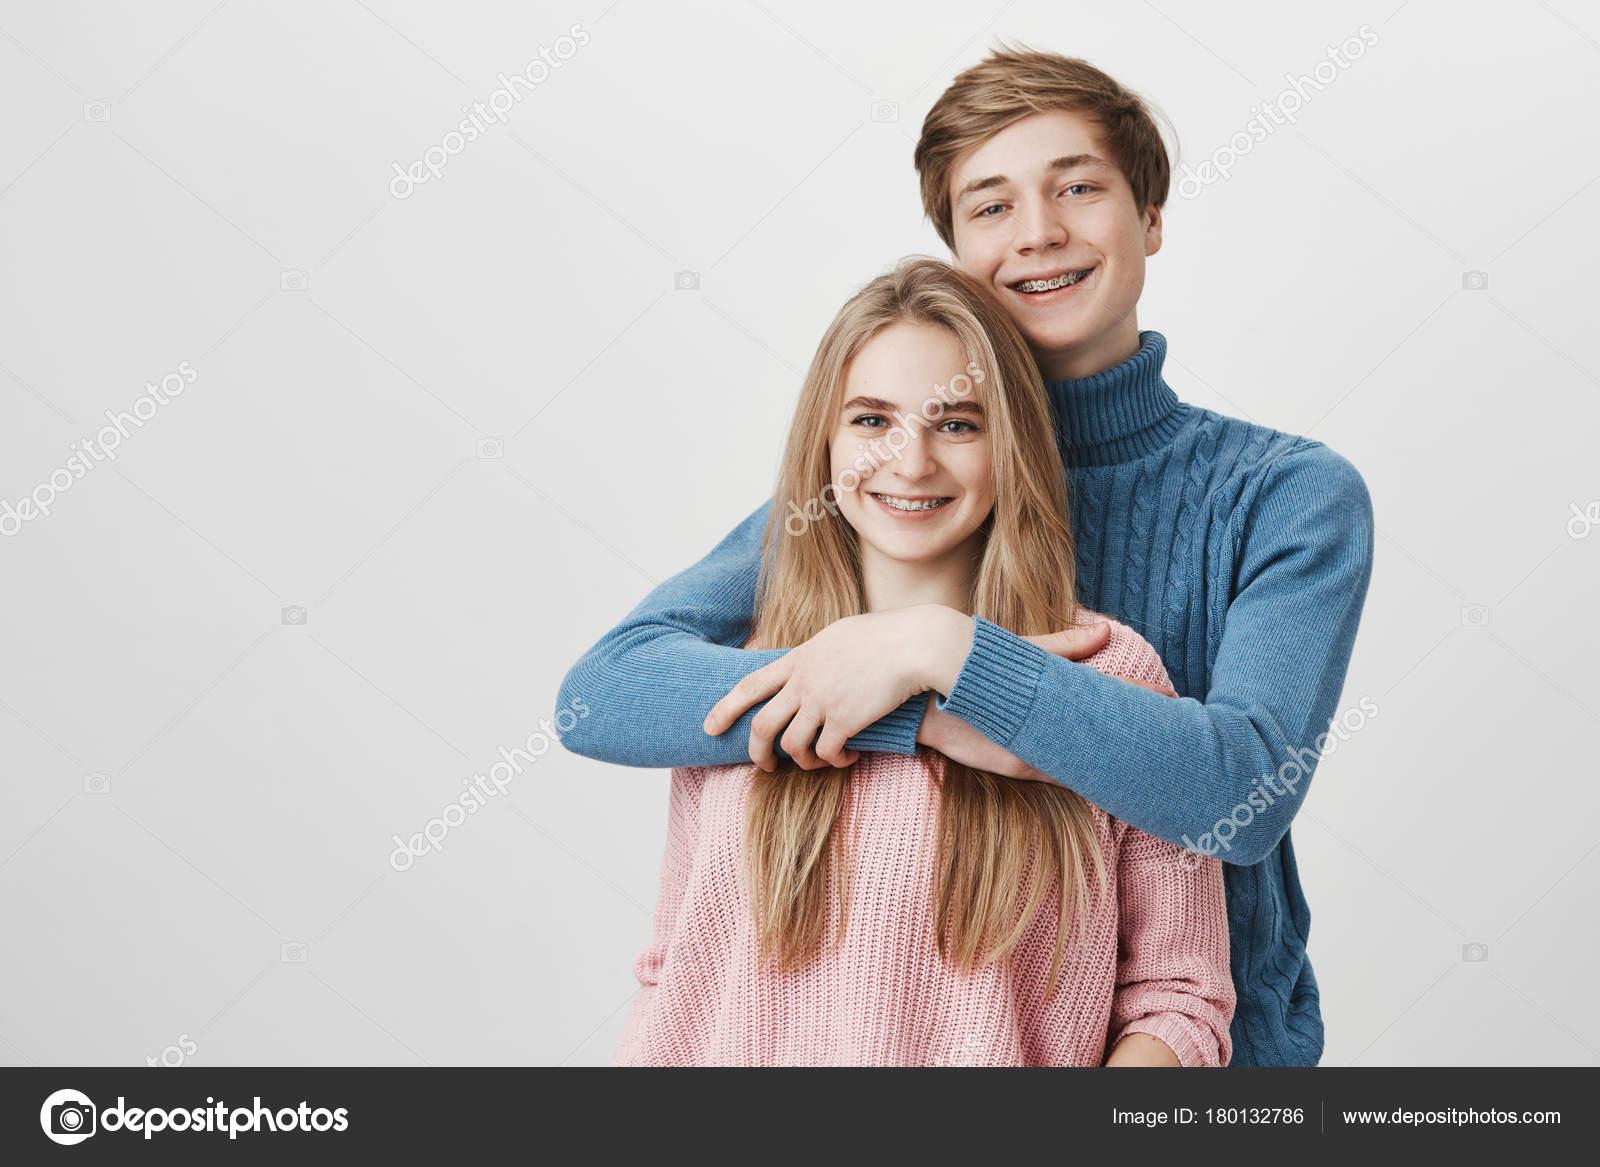 028a0be5c Homem caucasiano elegante feliz com cabelo loiro vestido de camisola azul